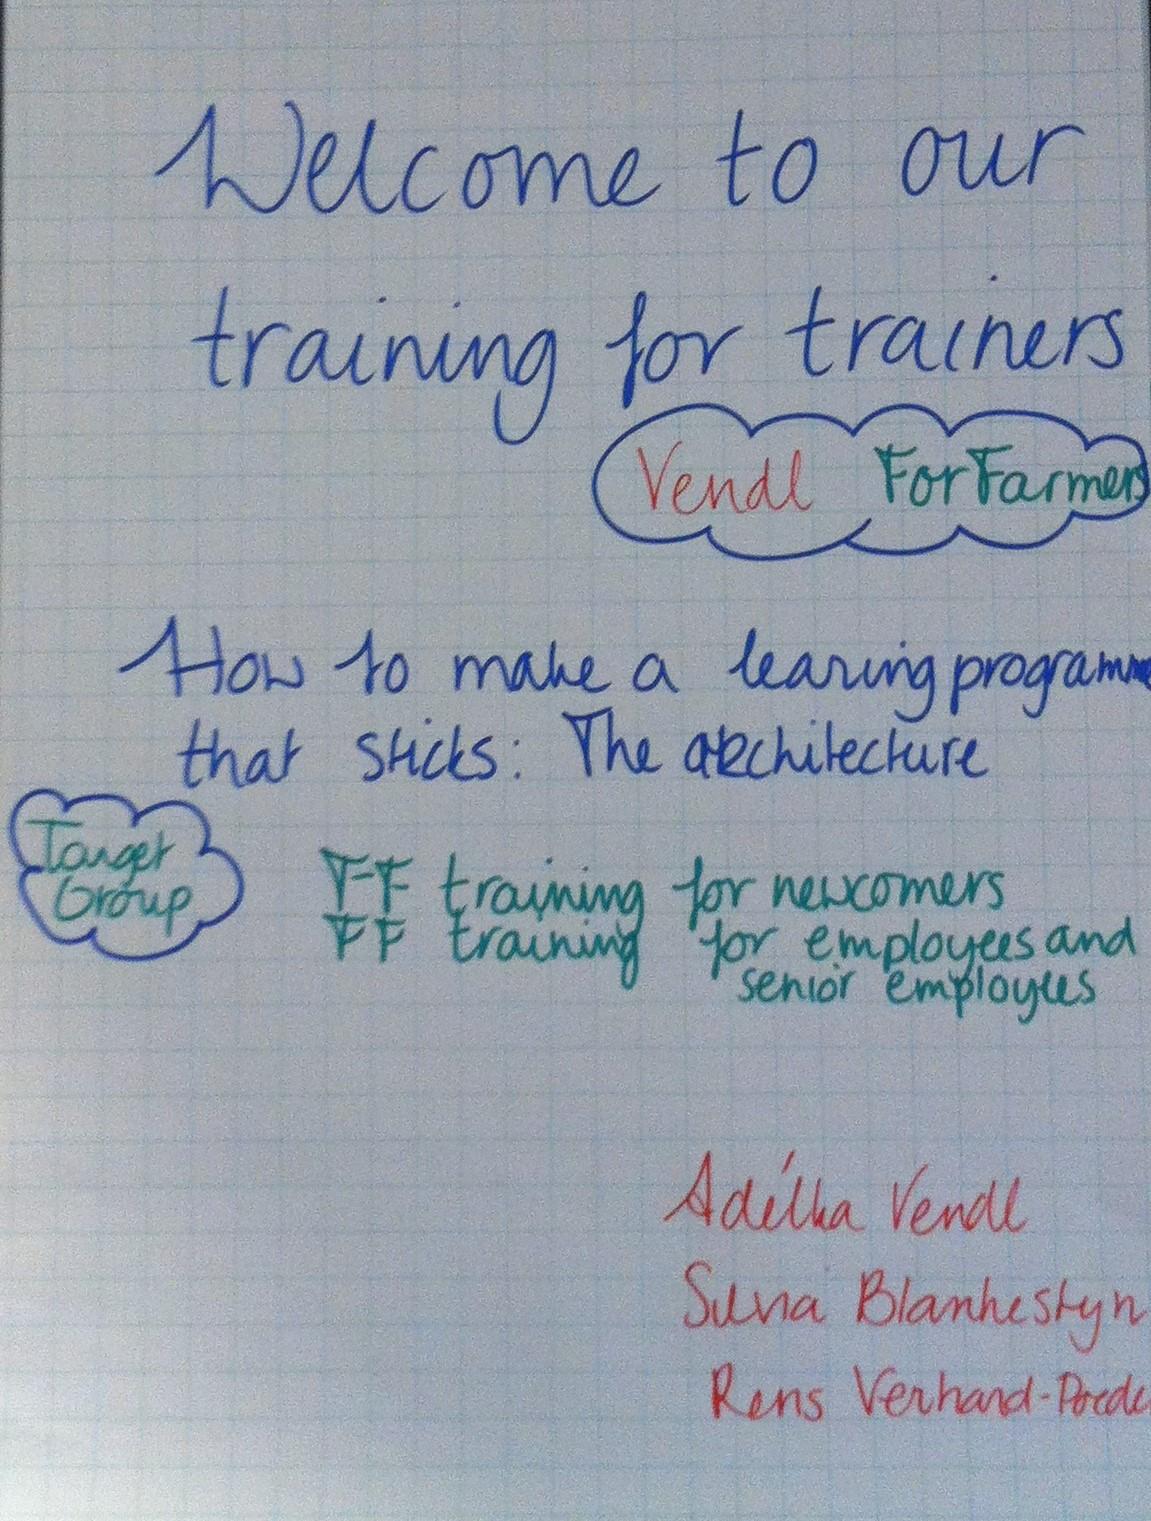 Vendl - training - ForFarmers- 05.JPG